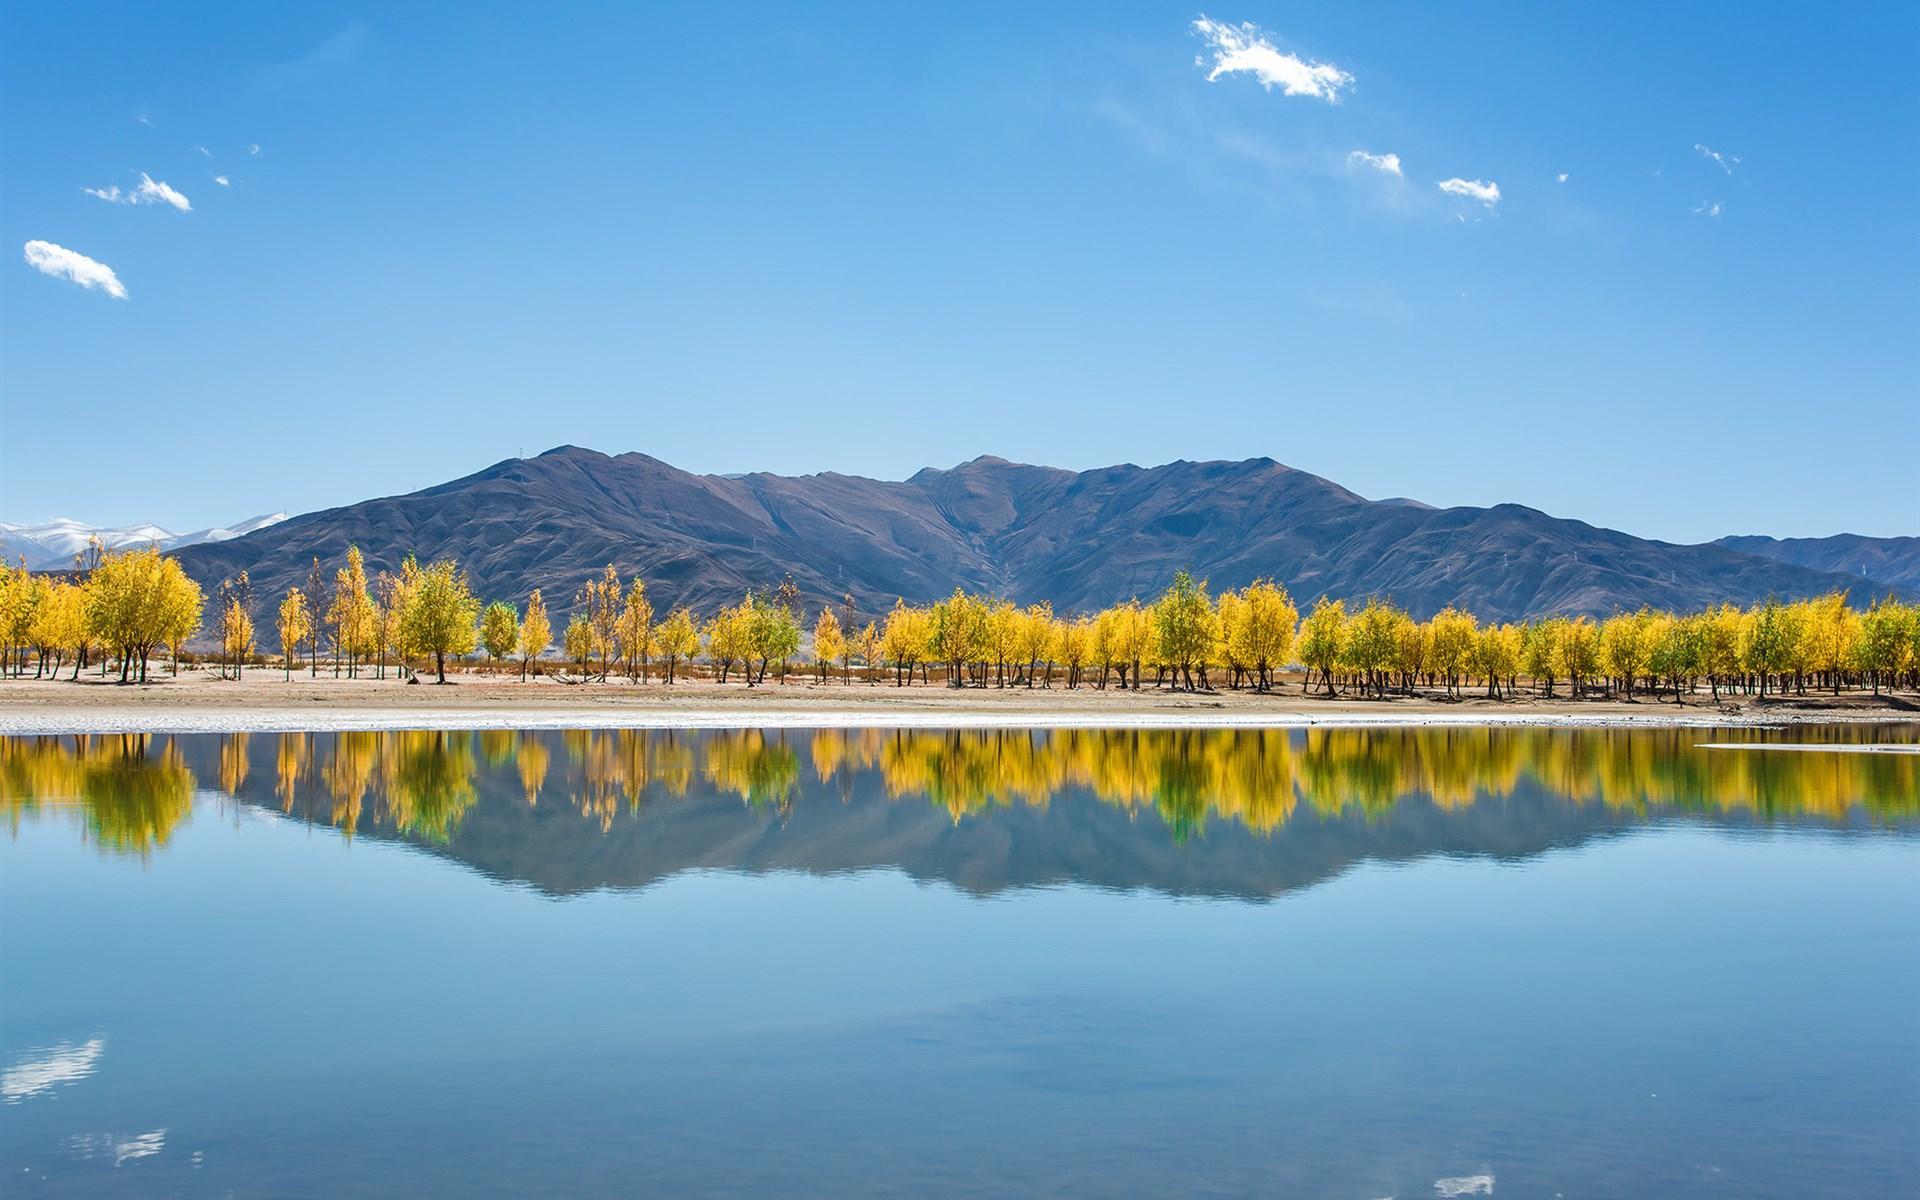 Cảnh thiên nhiên mặt hồ phẳng lặng